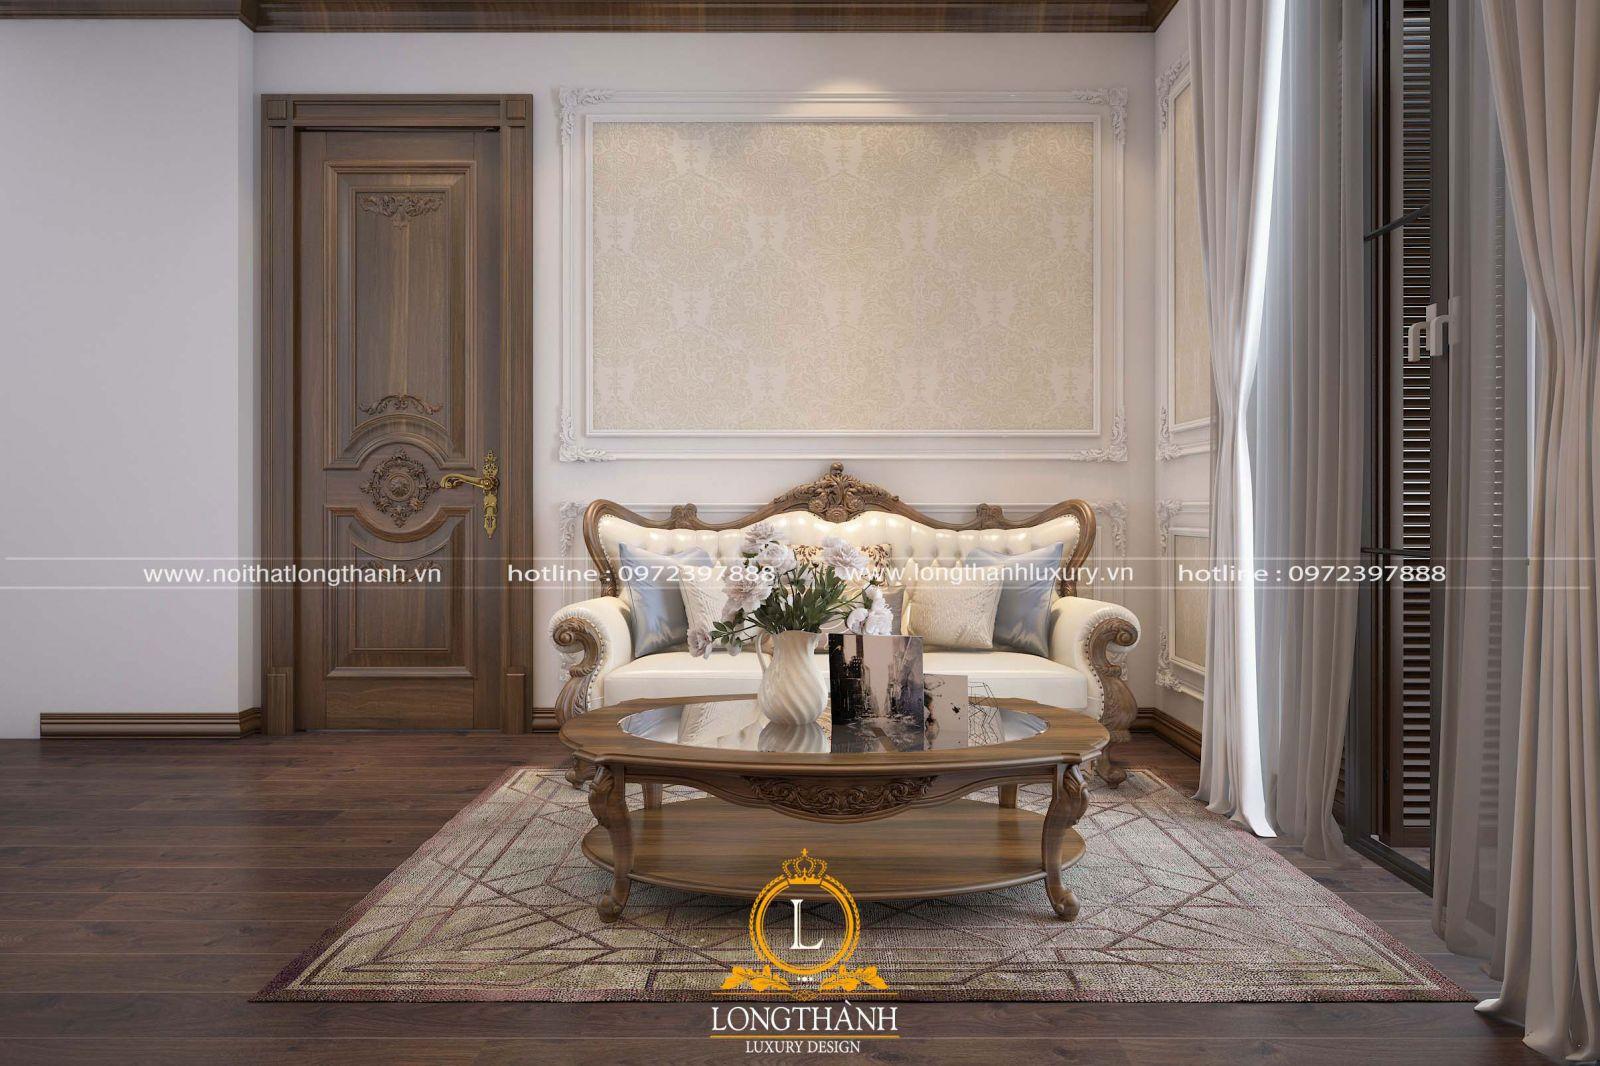 Cửa thông phòng phòng khách và phòng ngủ làm từgỗ tự nhiên cao cấp